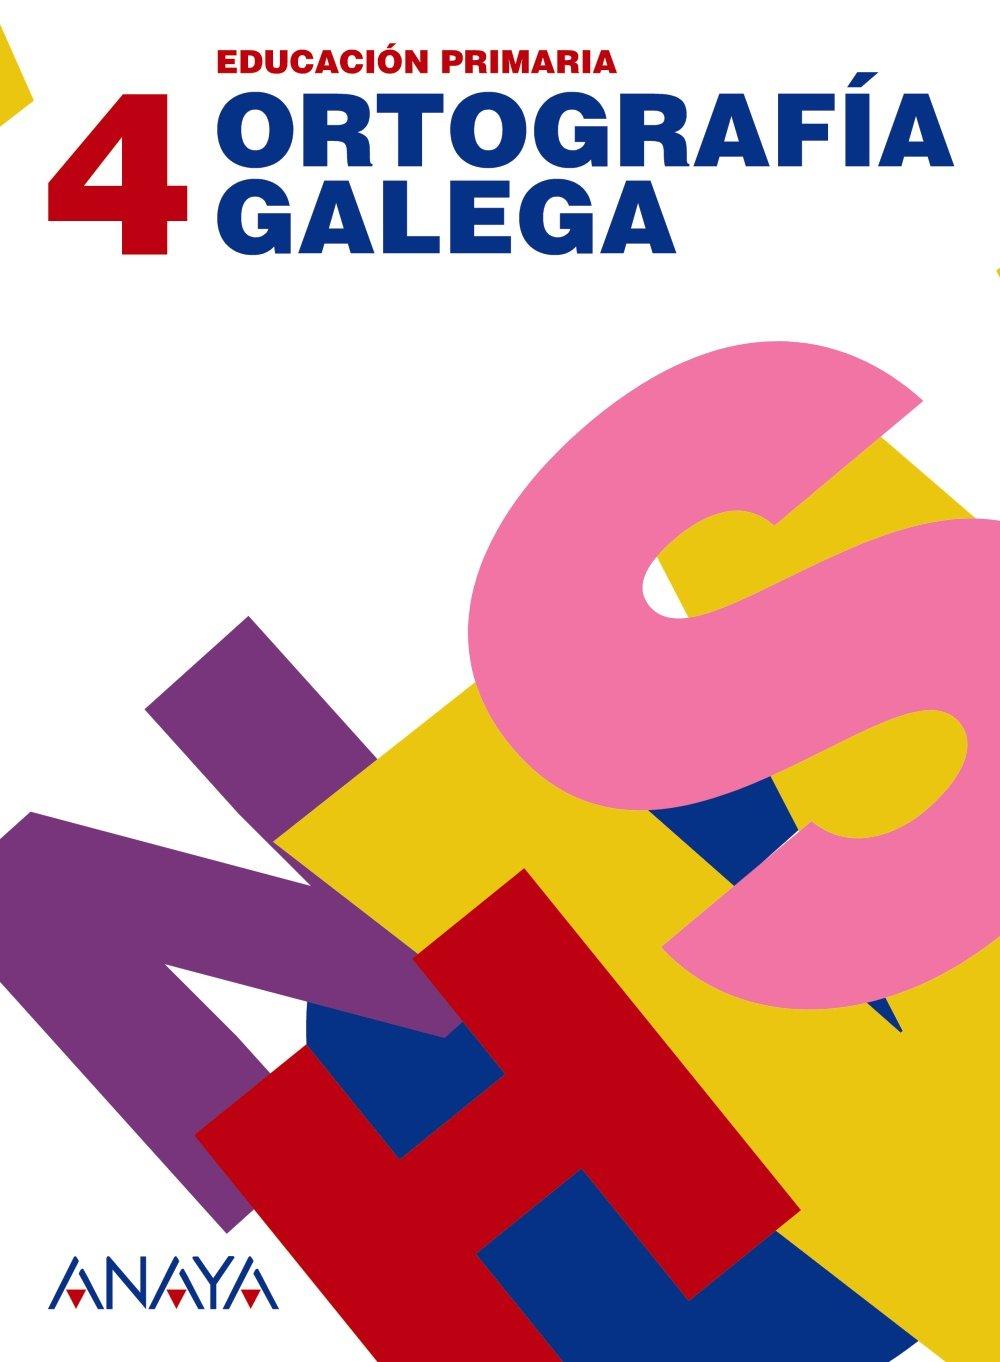 Ortografía galega 4. - 9788466785150 por Anaya Educación